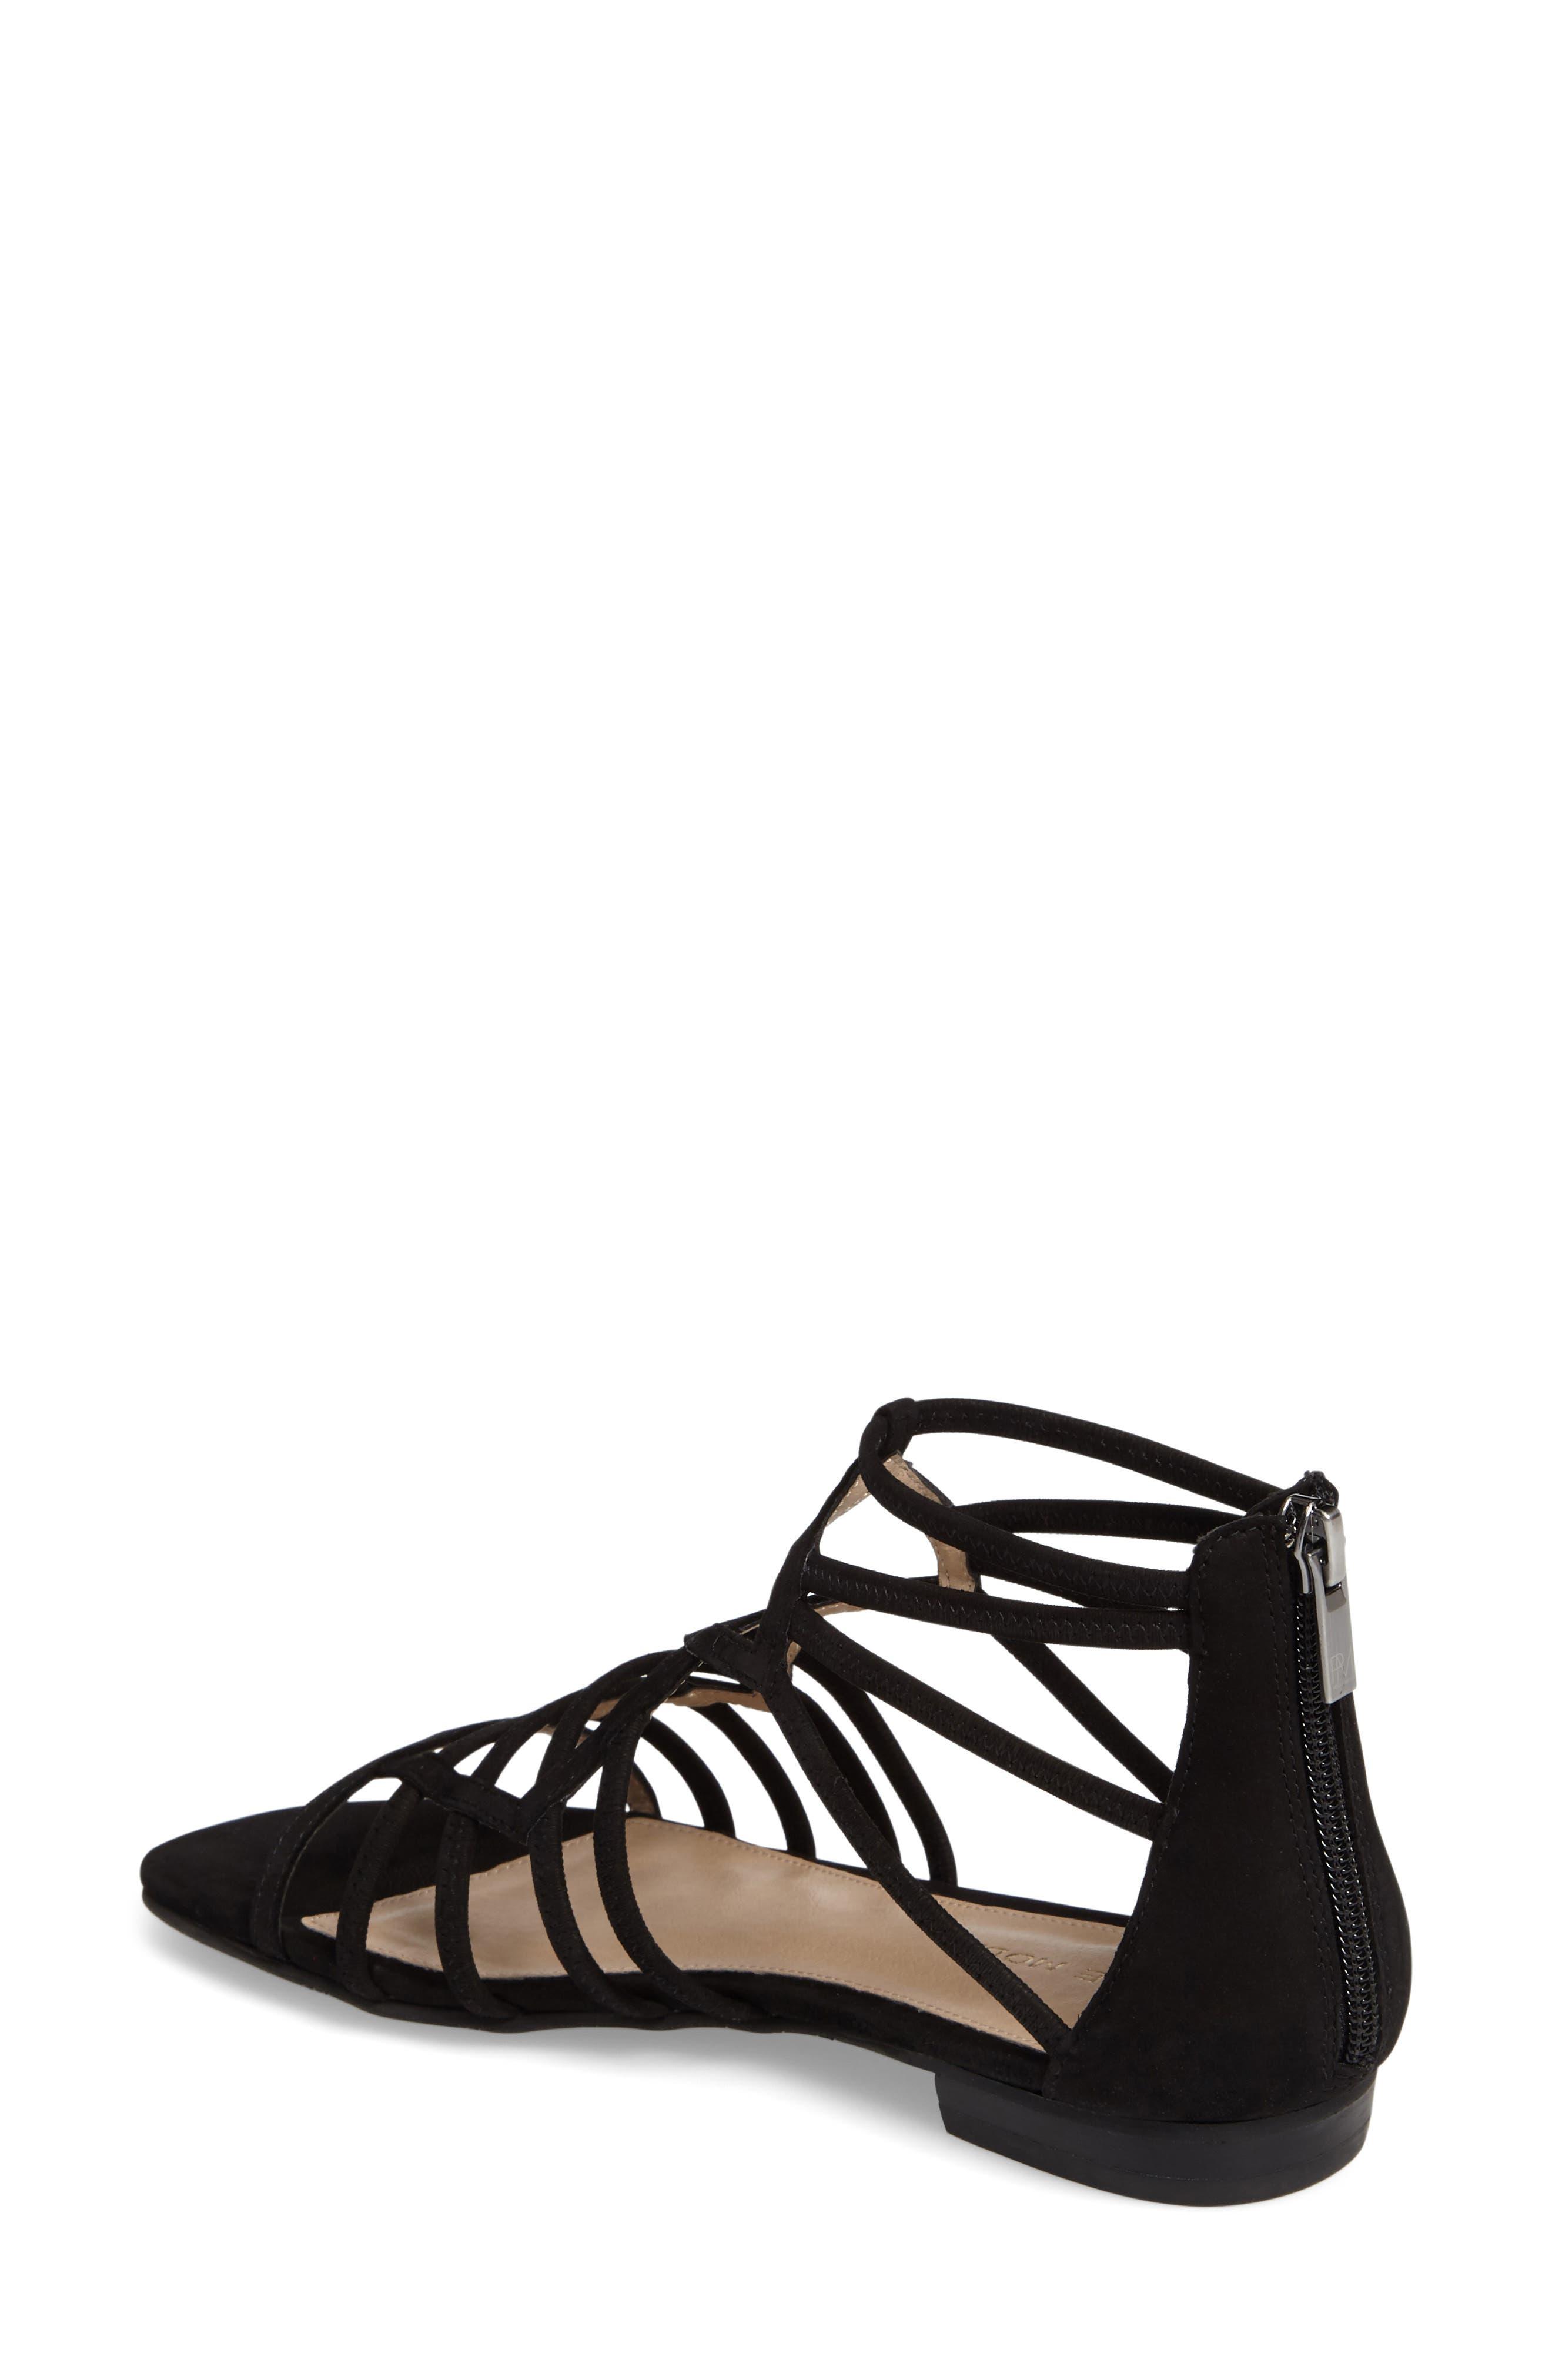 Alternate Image 2  - Pelle Moda Brazil Strappy Sandal (Women)